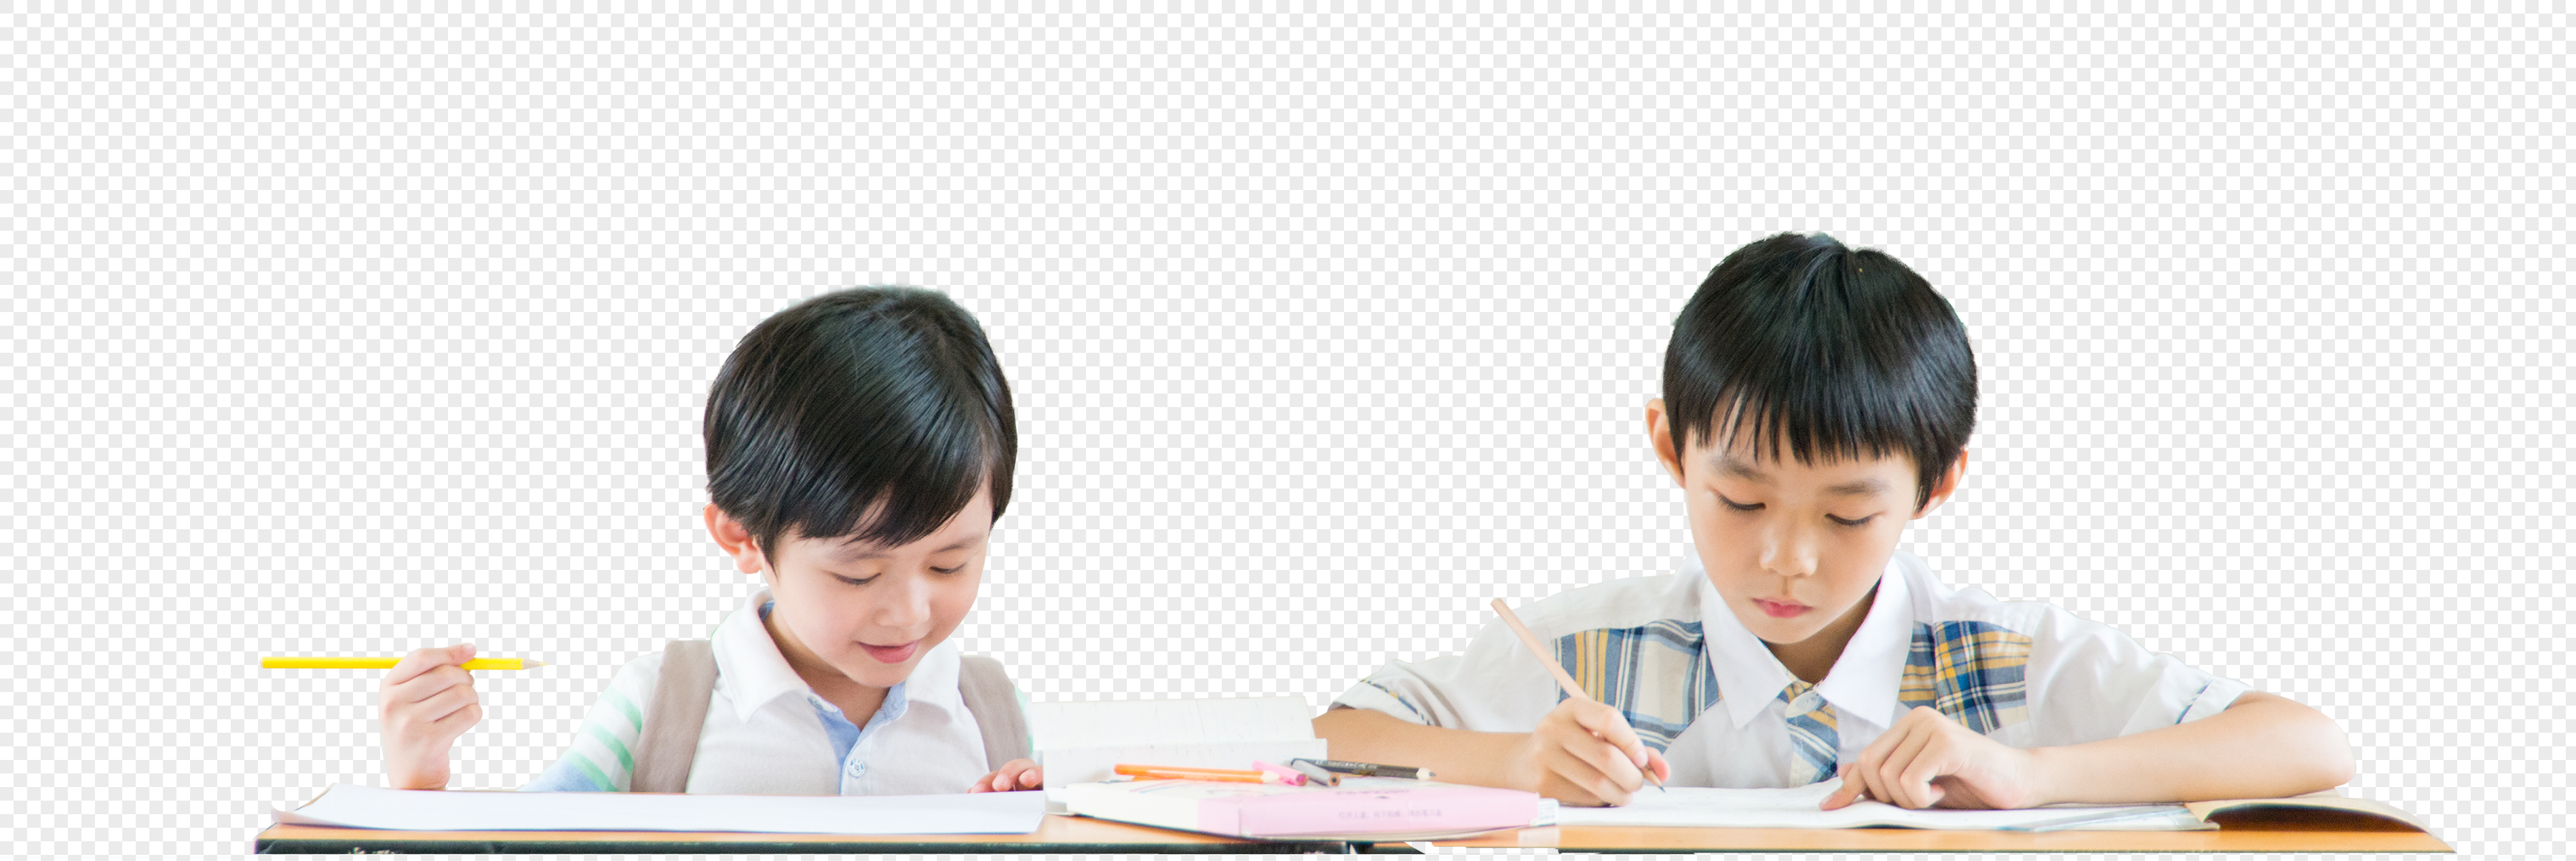 小学生上课学习